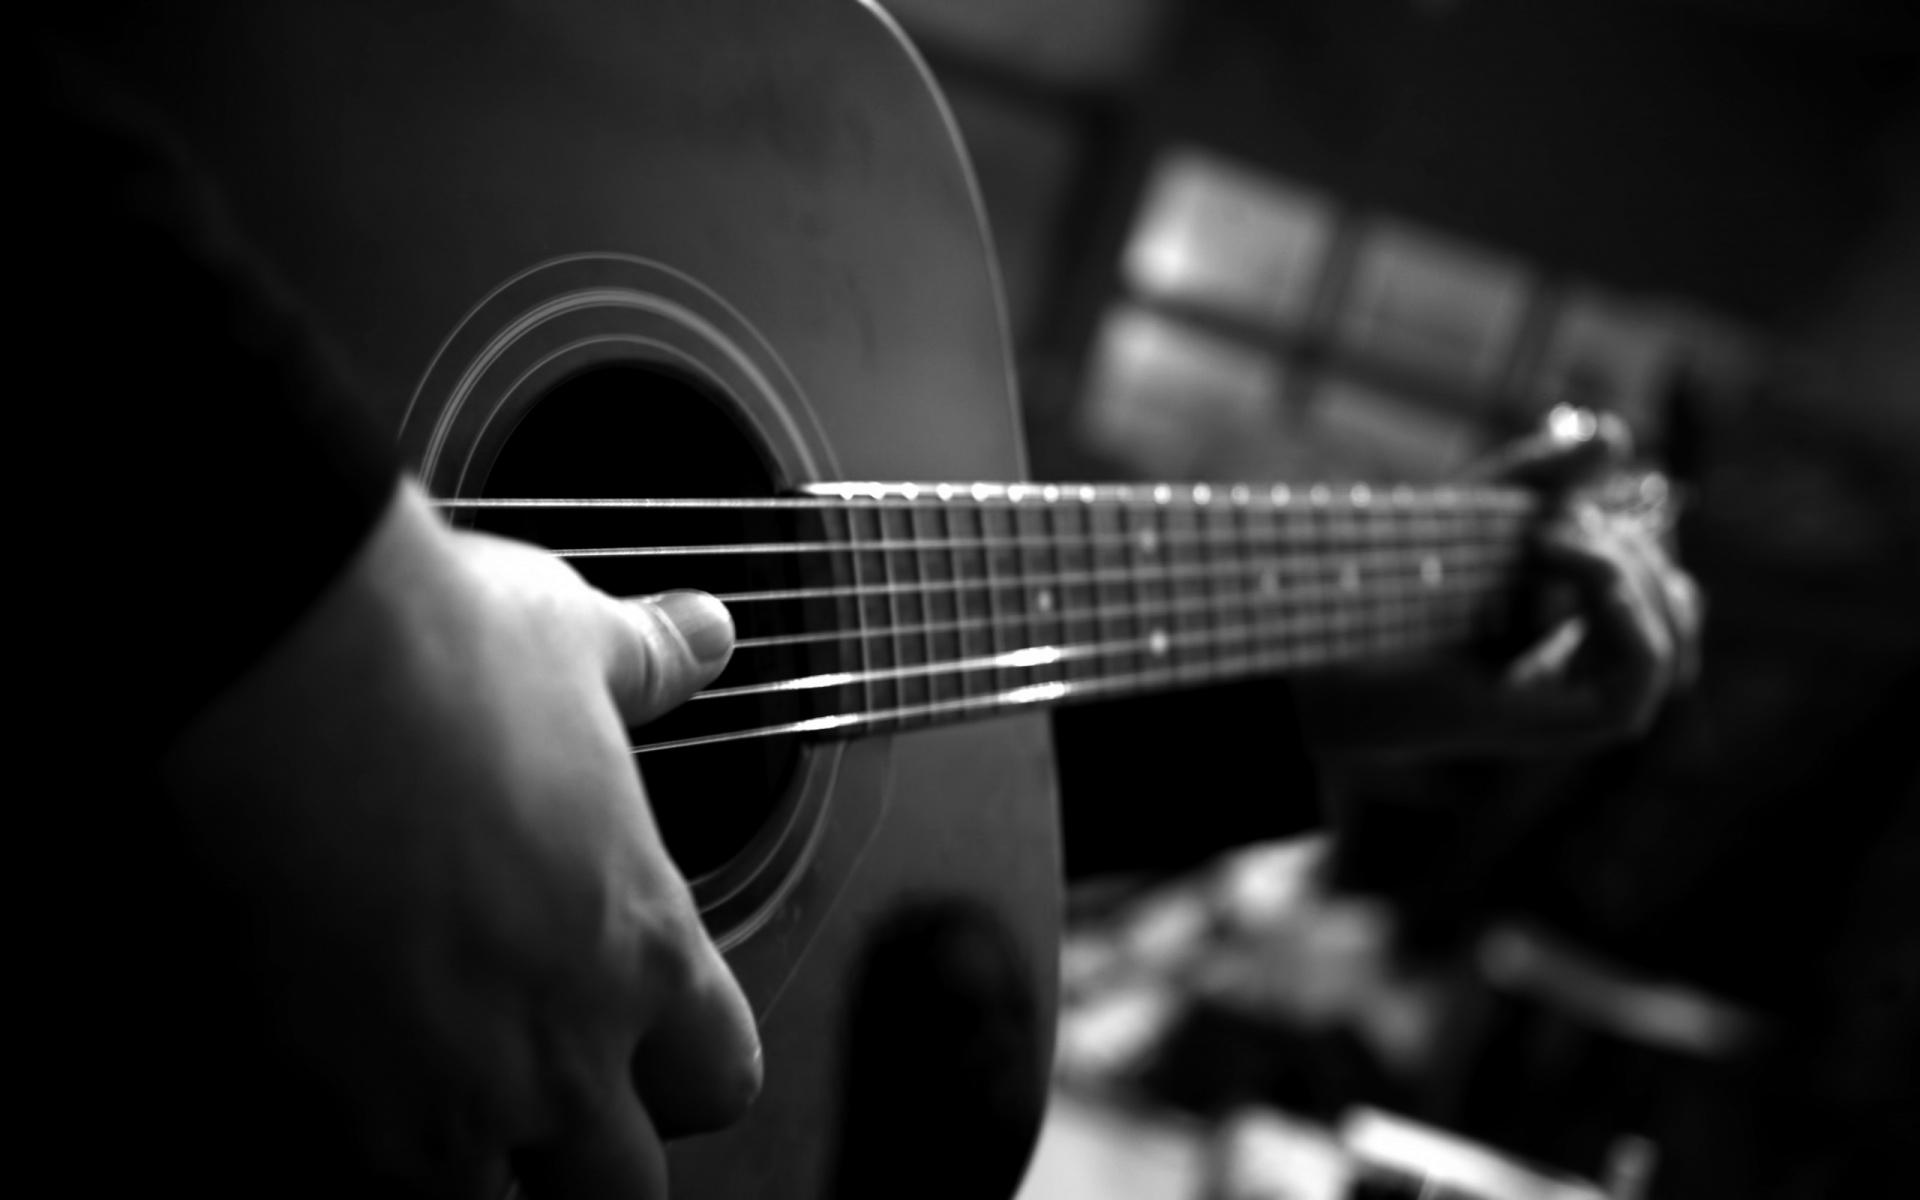 guitarfc.com_Guitar Bg (10)